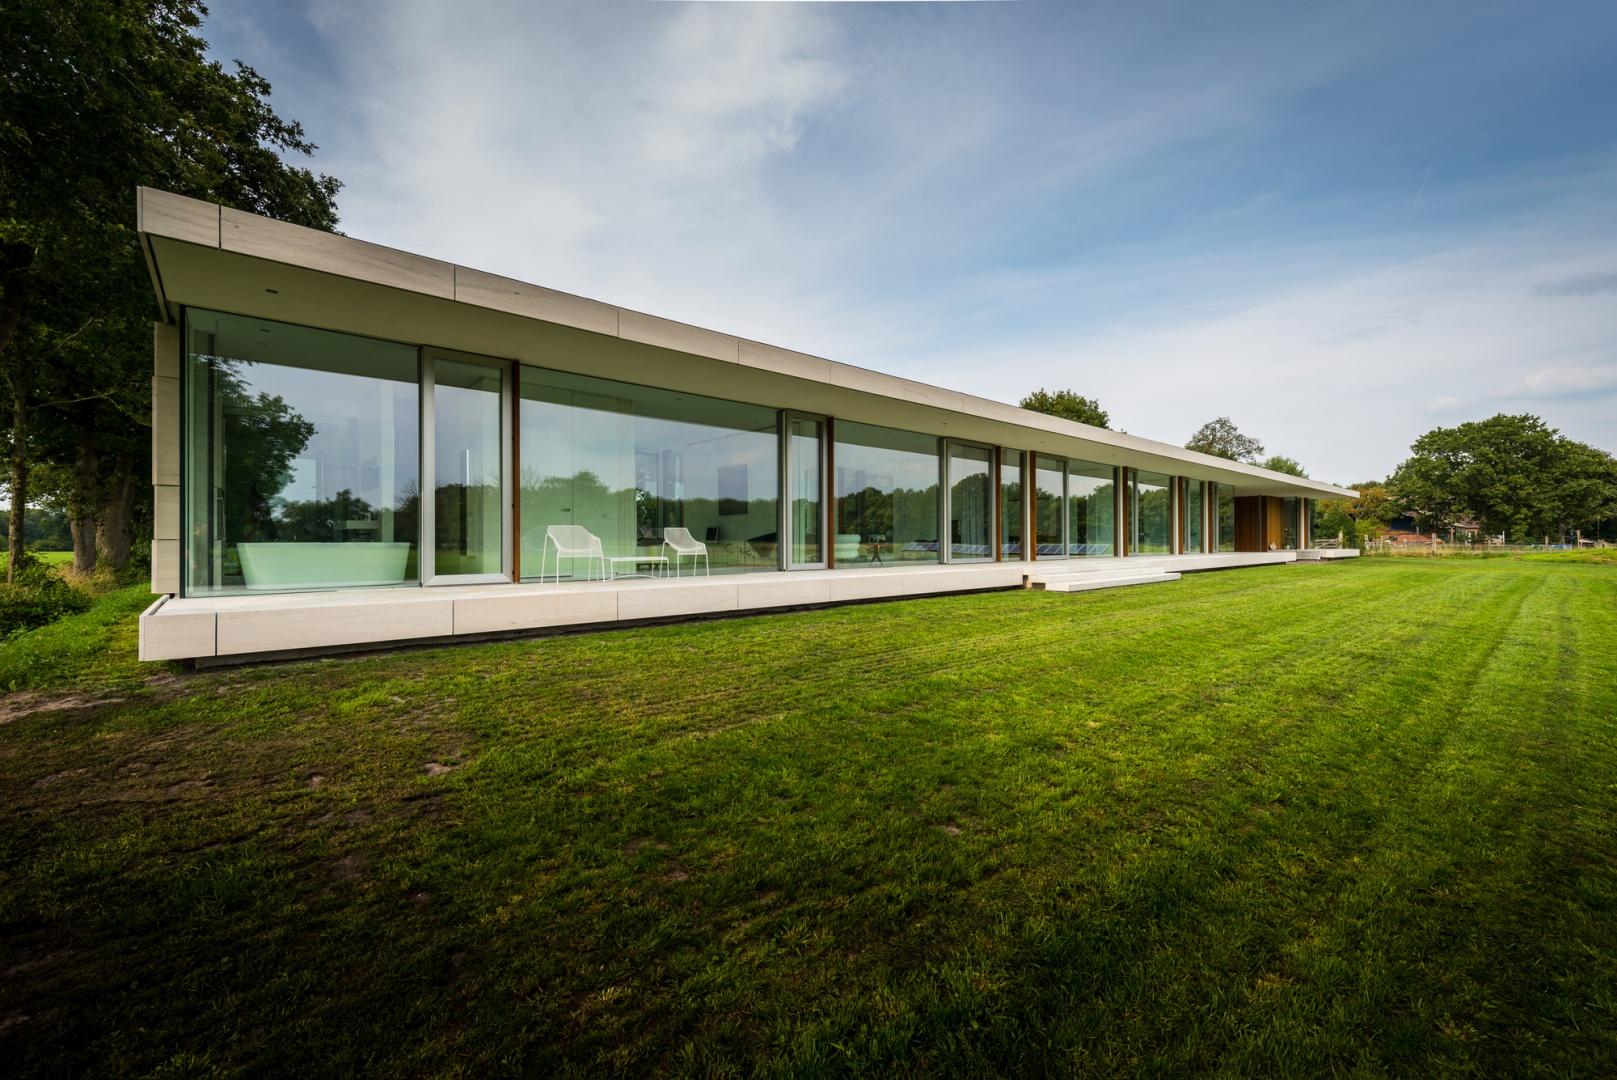 Огромный стеклянный фасад дома